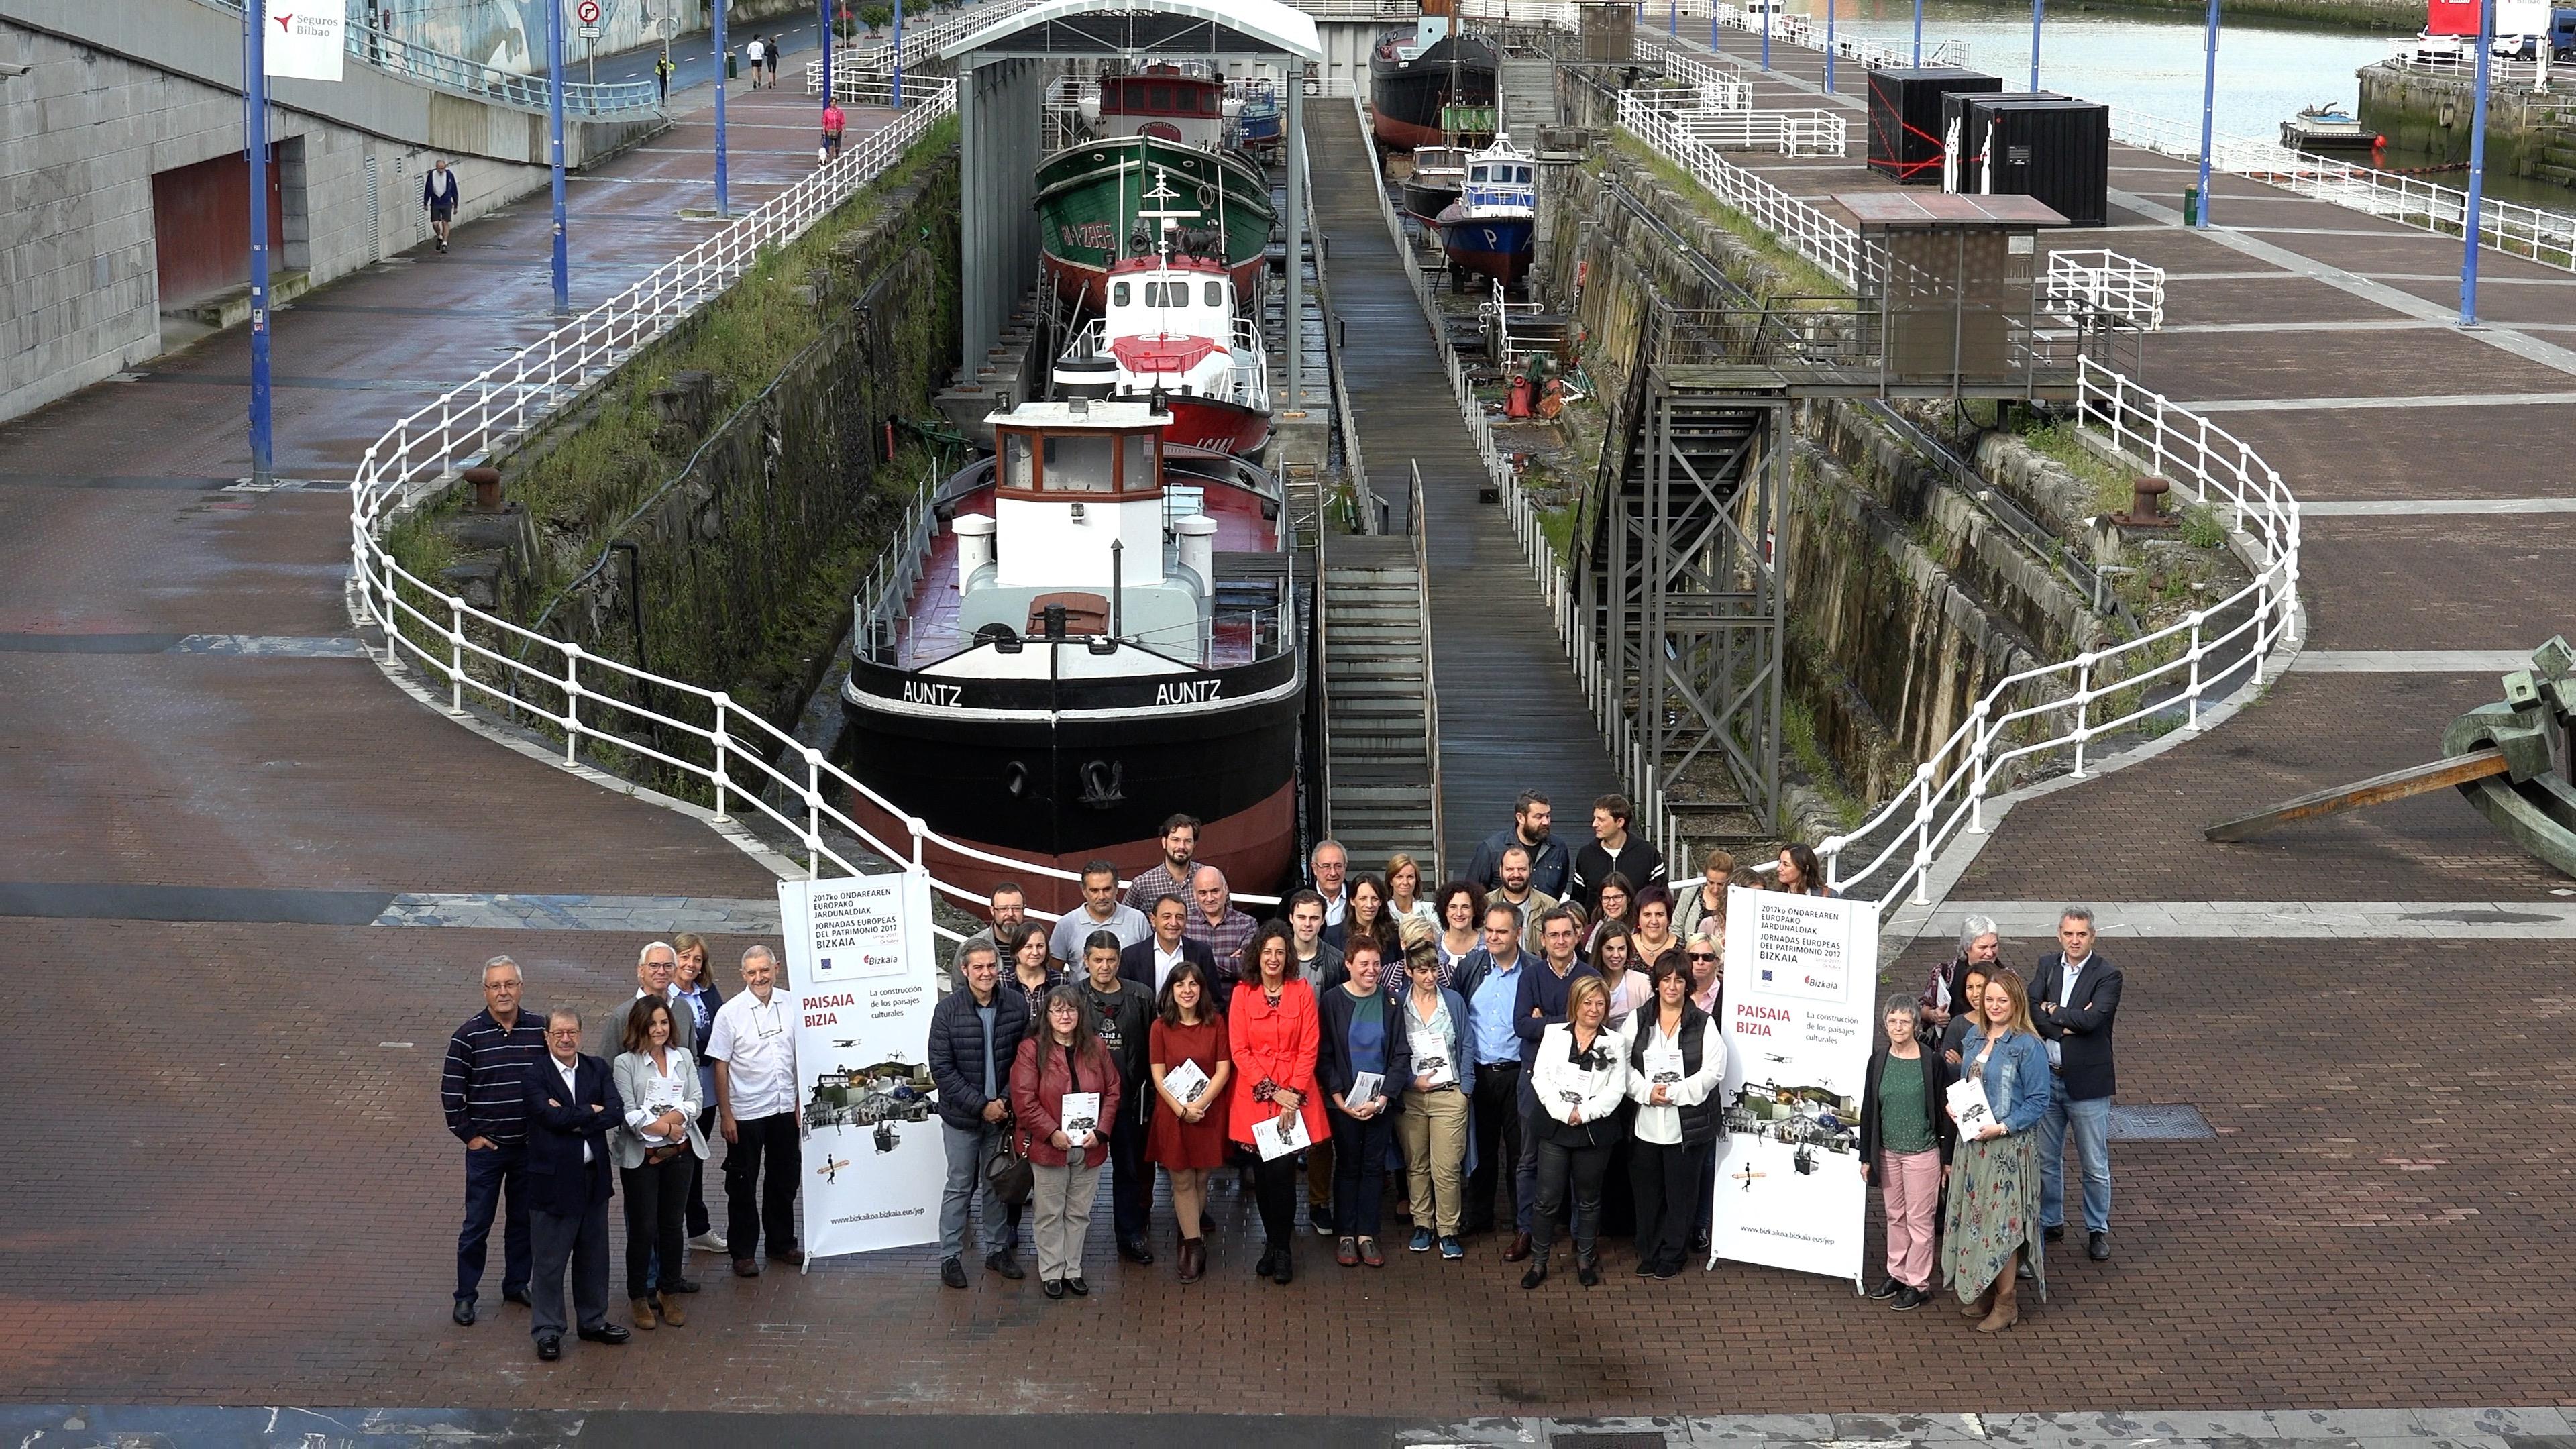 Imágenes de la presentación de Jornadas Europeas de Patrimonio 2017